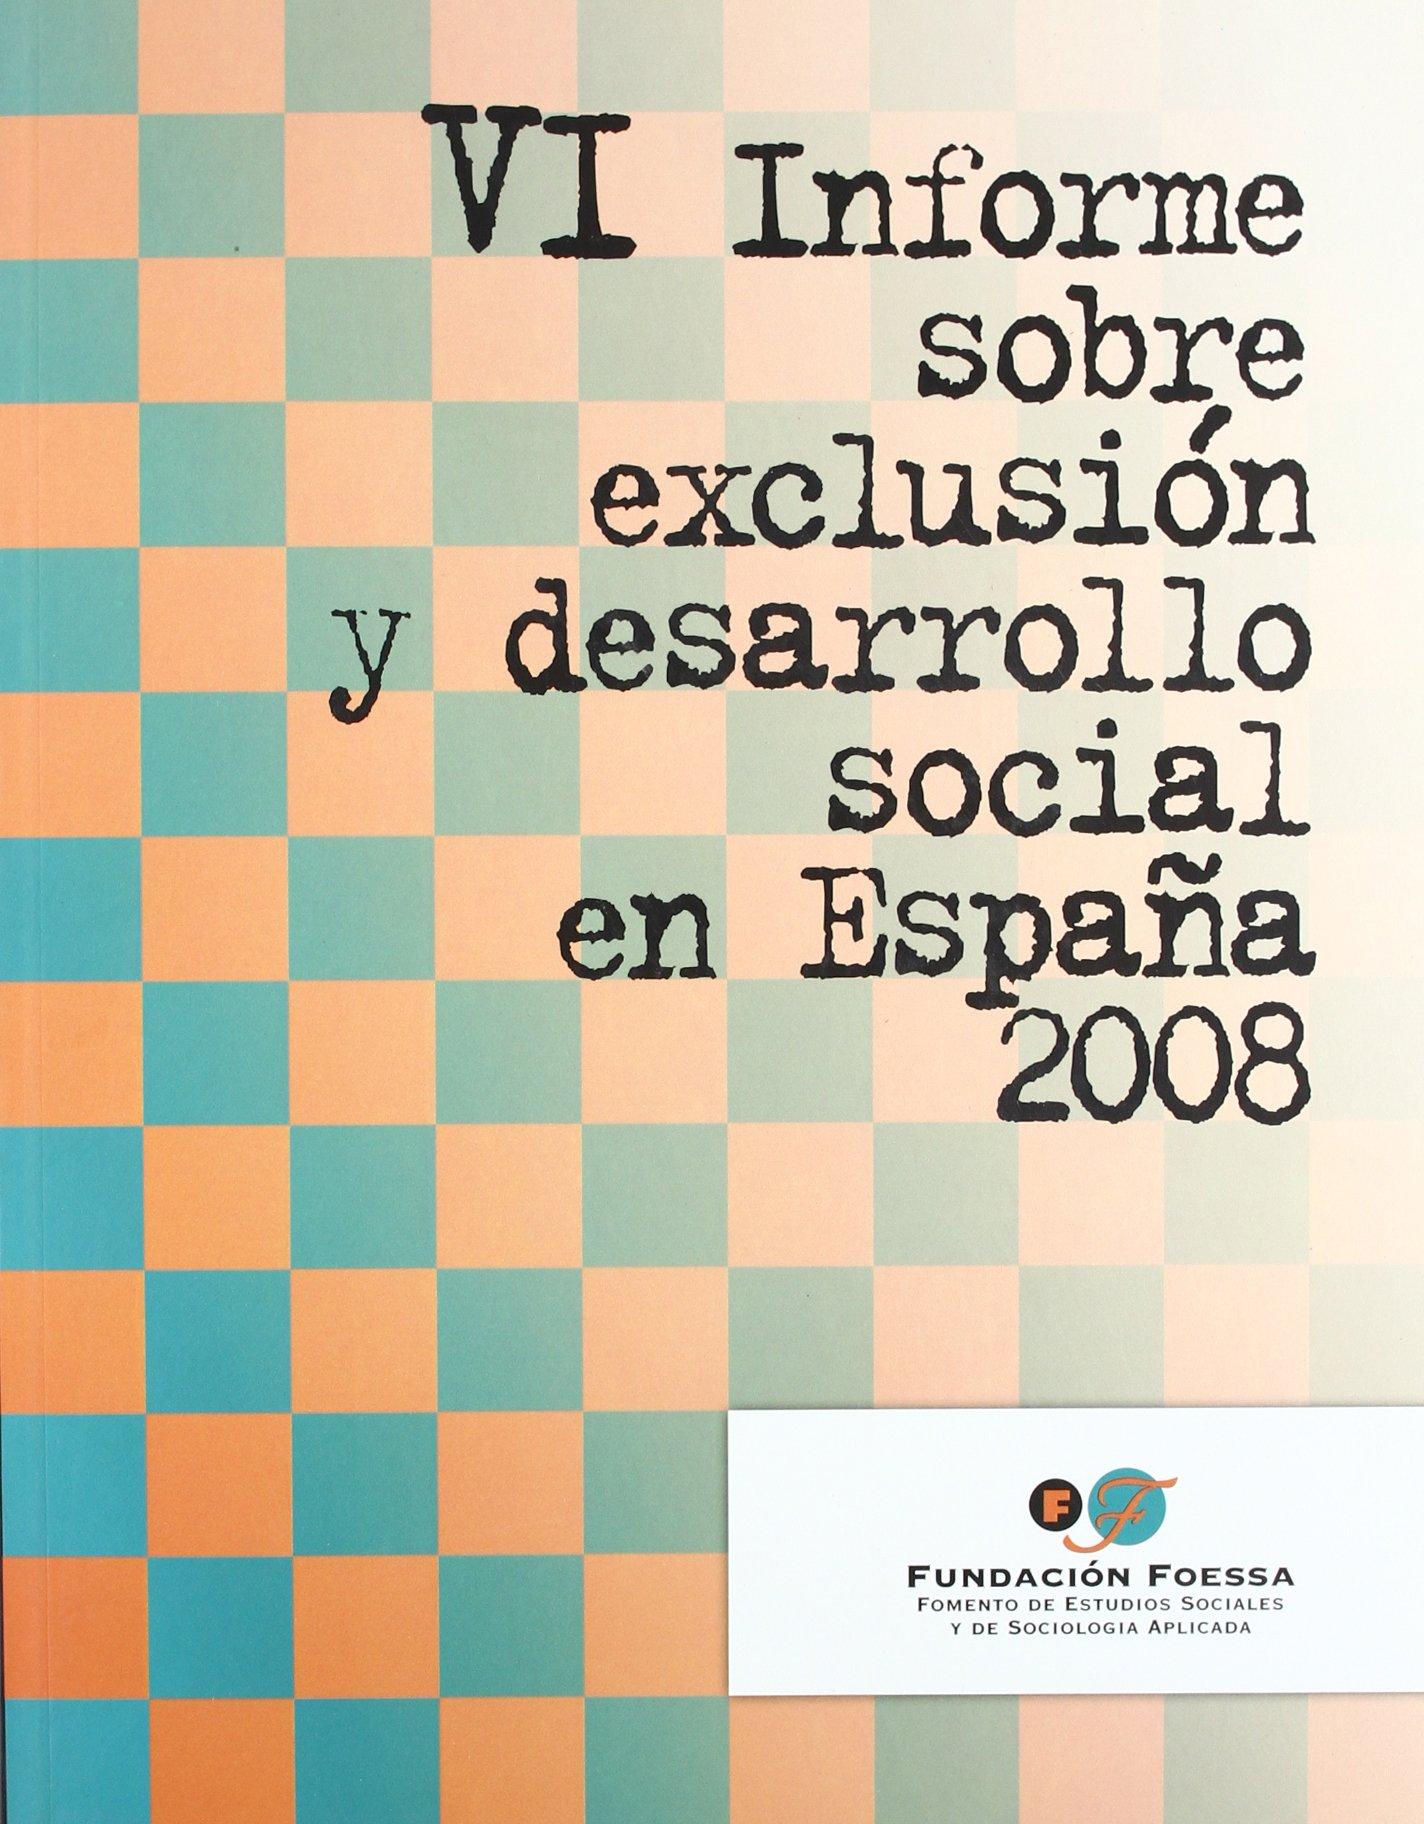 VI Informe sobre exclusión y desarrollo social en España 2008 FOESSA.Colección informes sociológicos: Amazon.es: VV.AA.: Libros